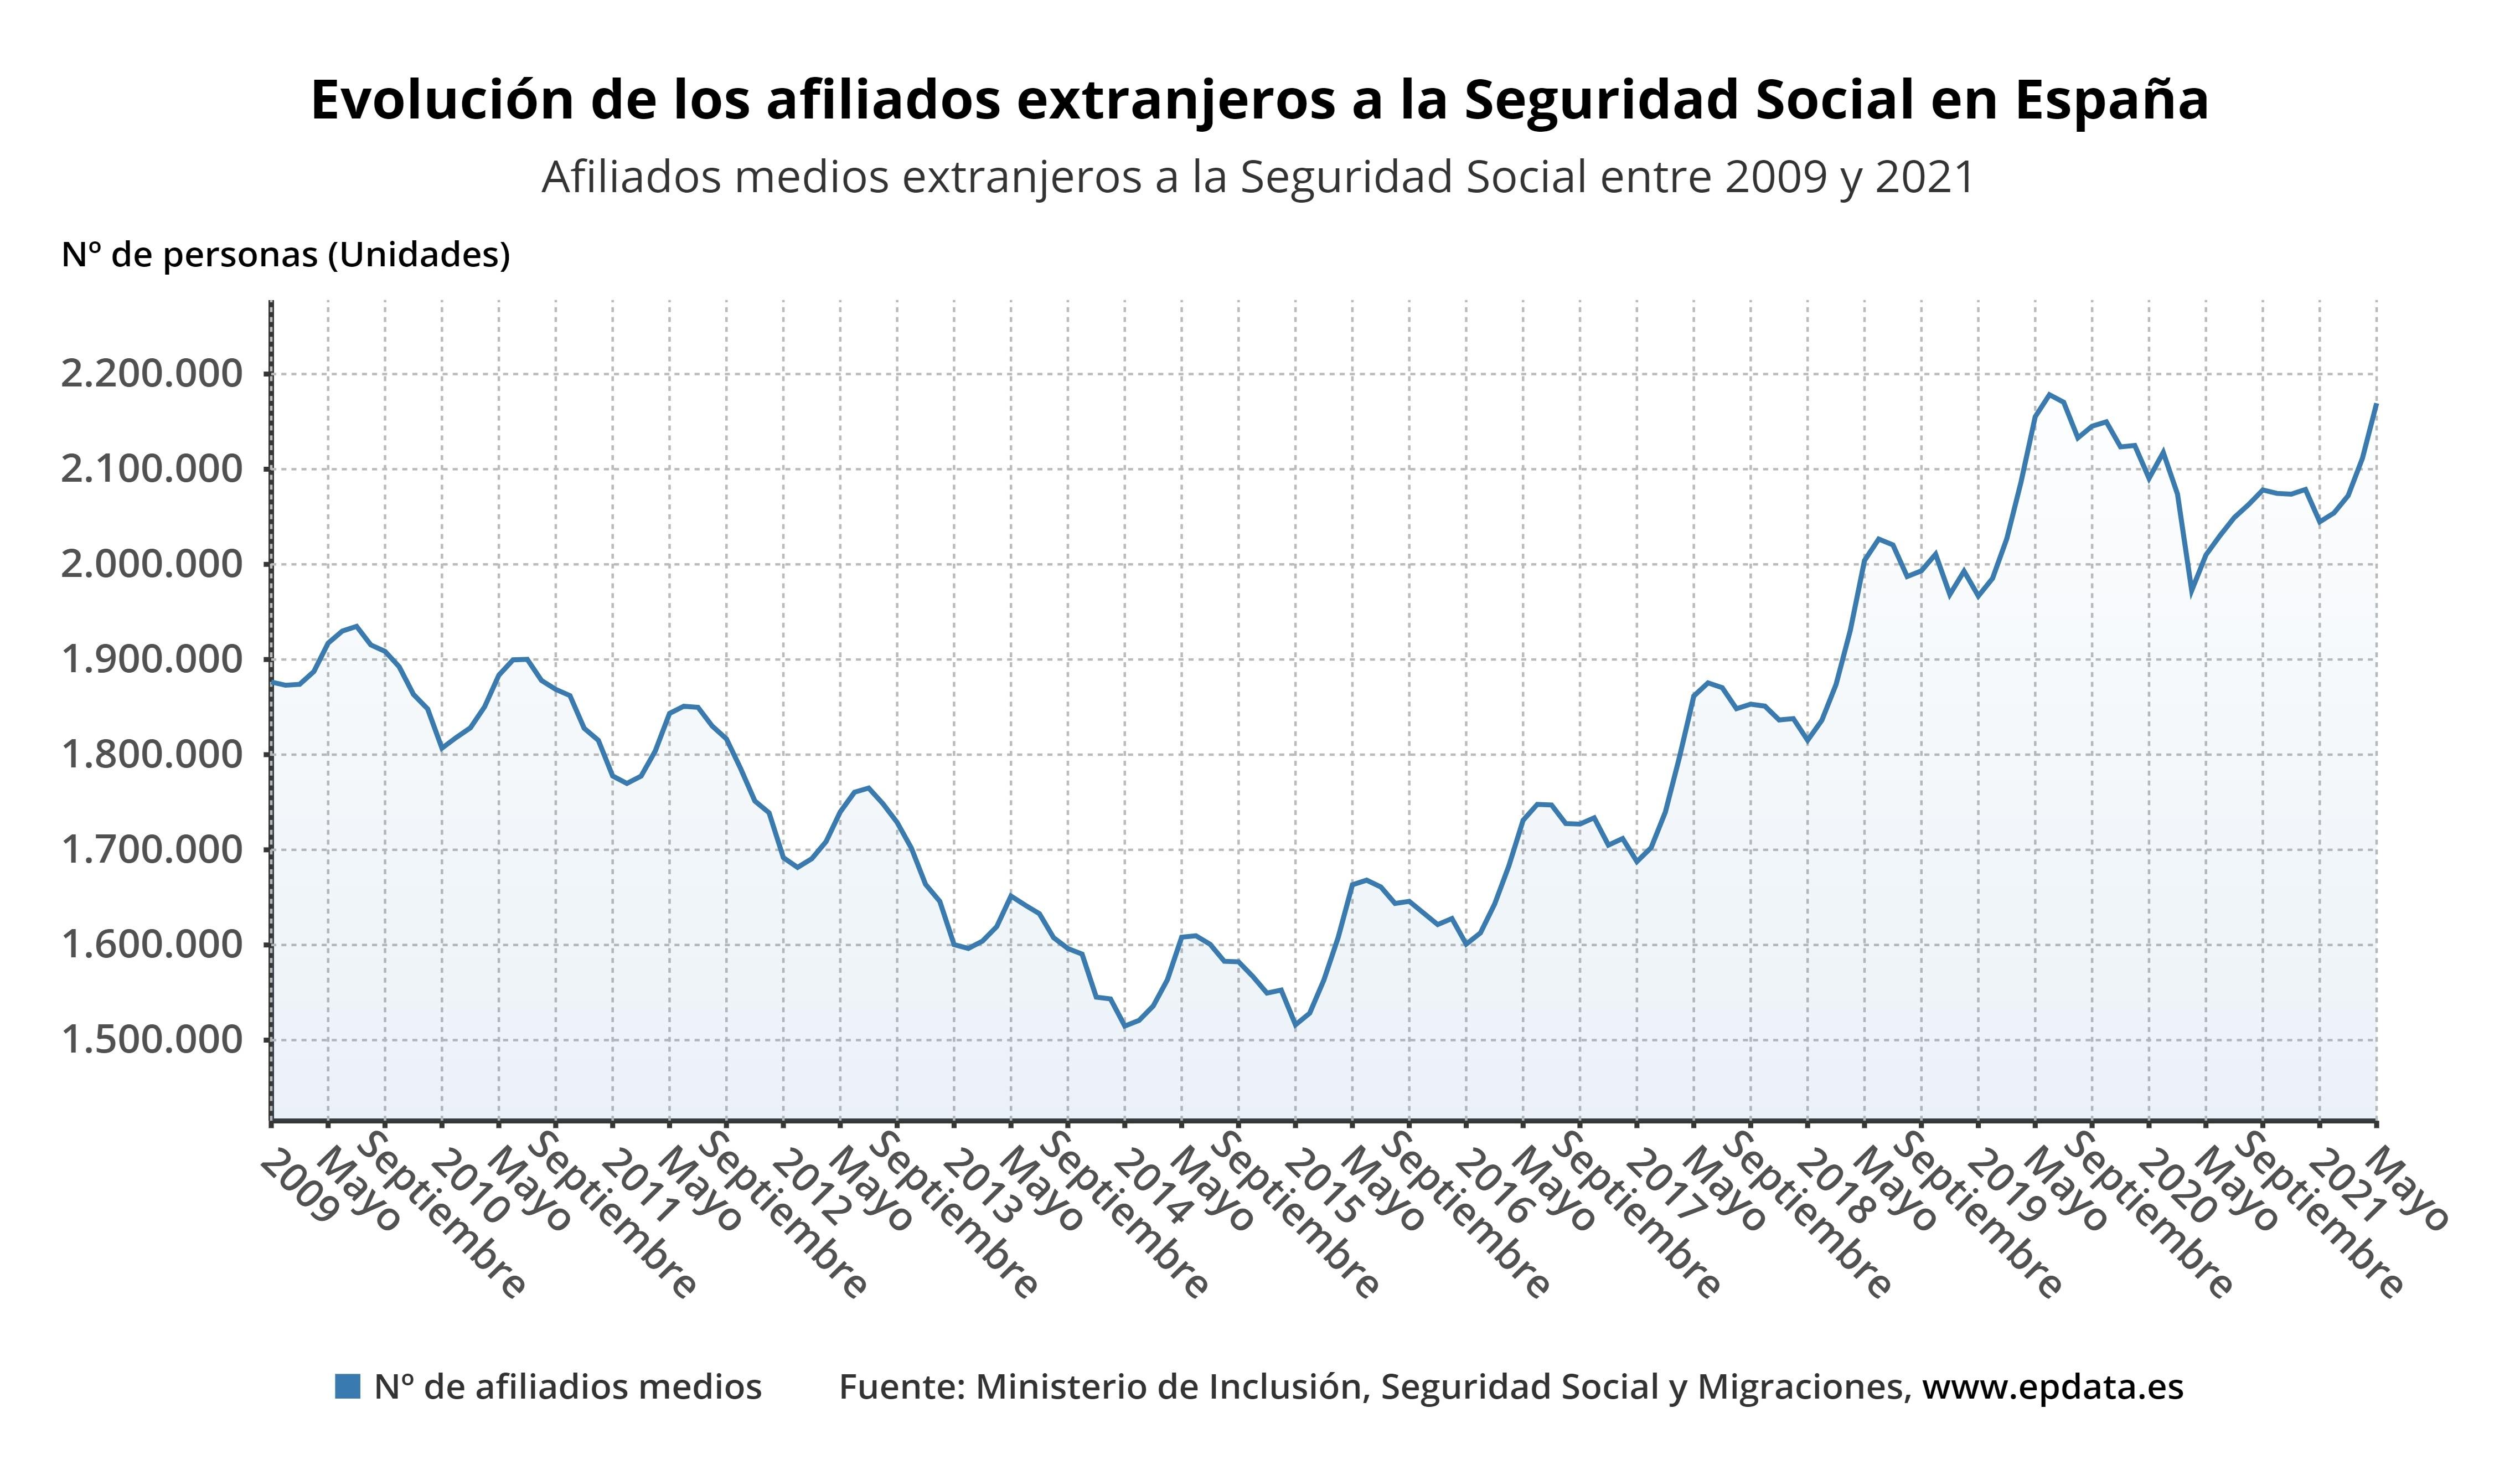 Evolución de los afiliados extranjeros a la Seguridad Social en España